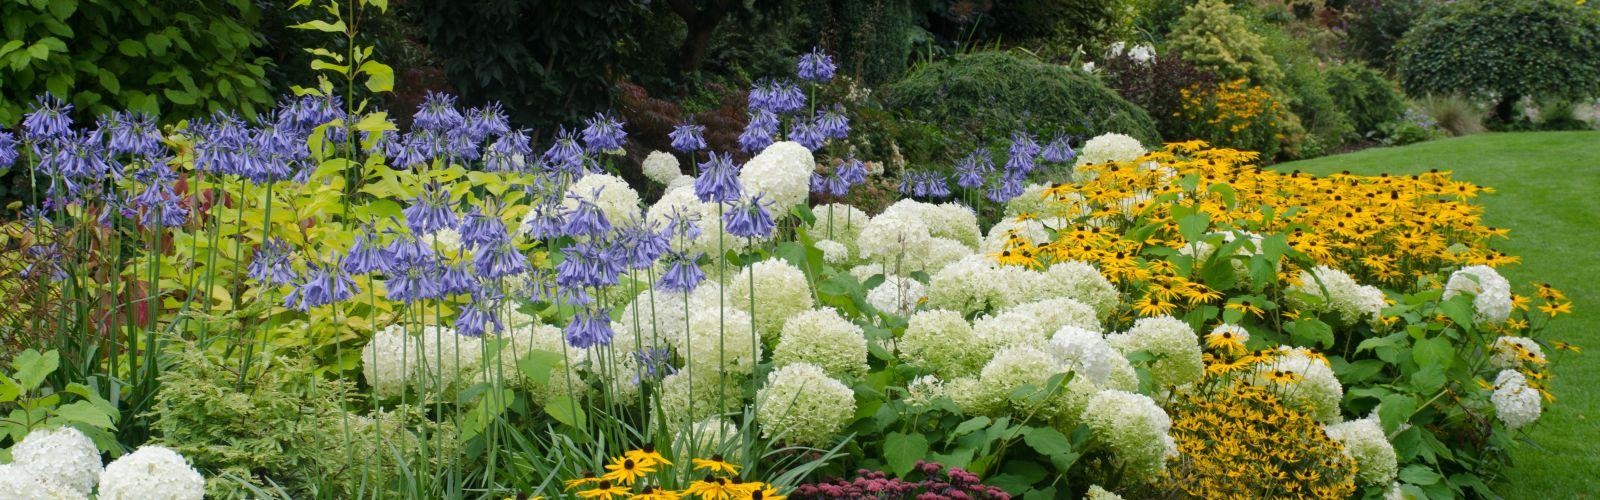 a close up of a flower garden